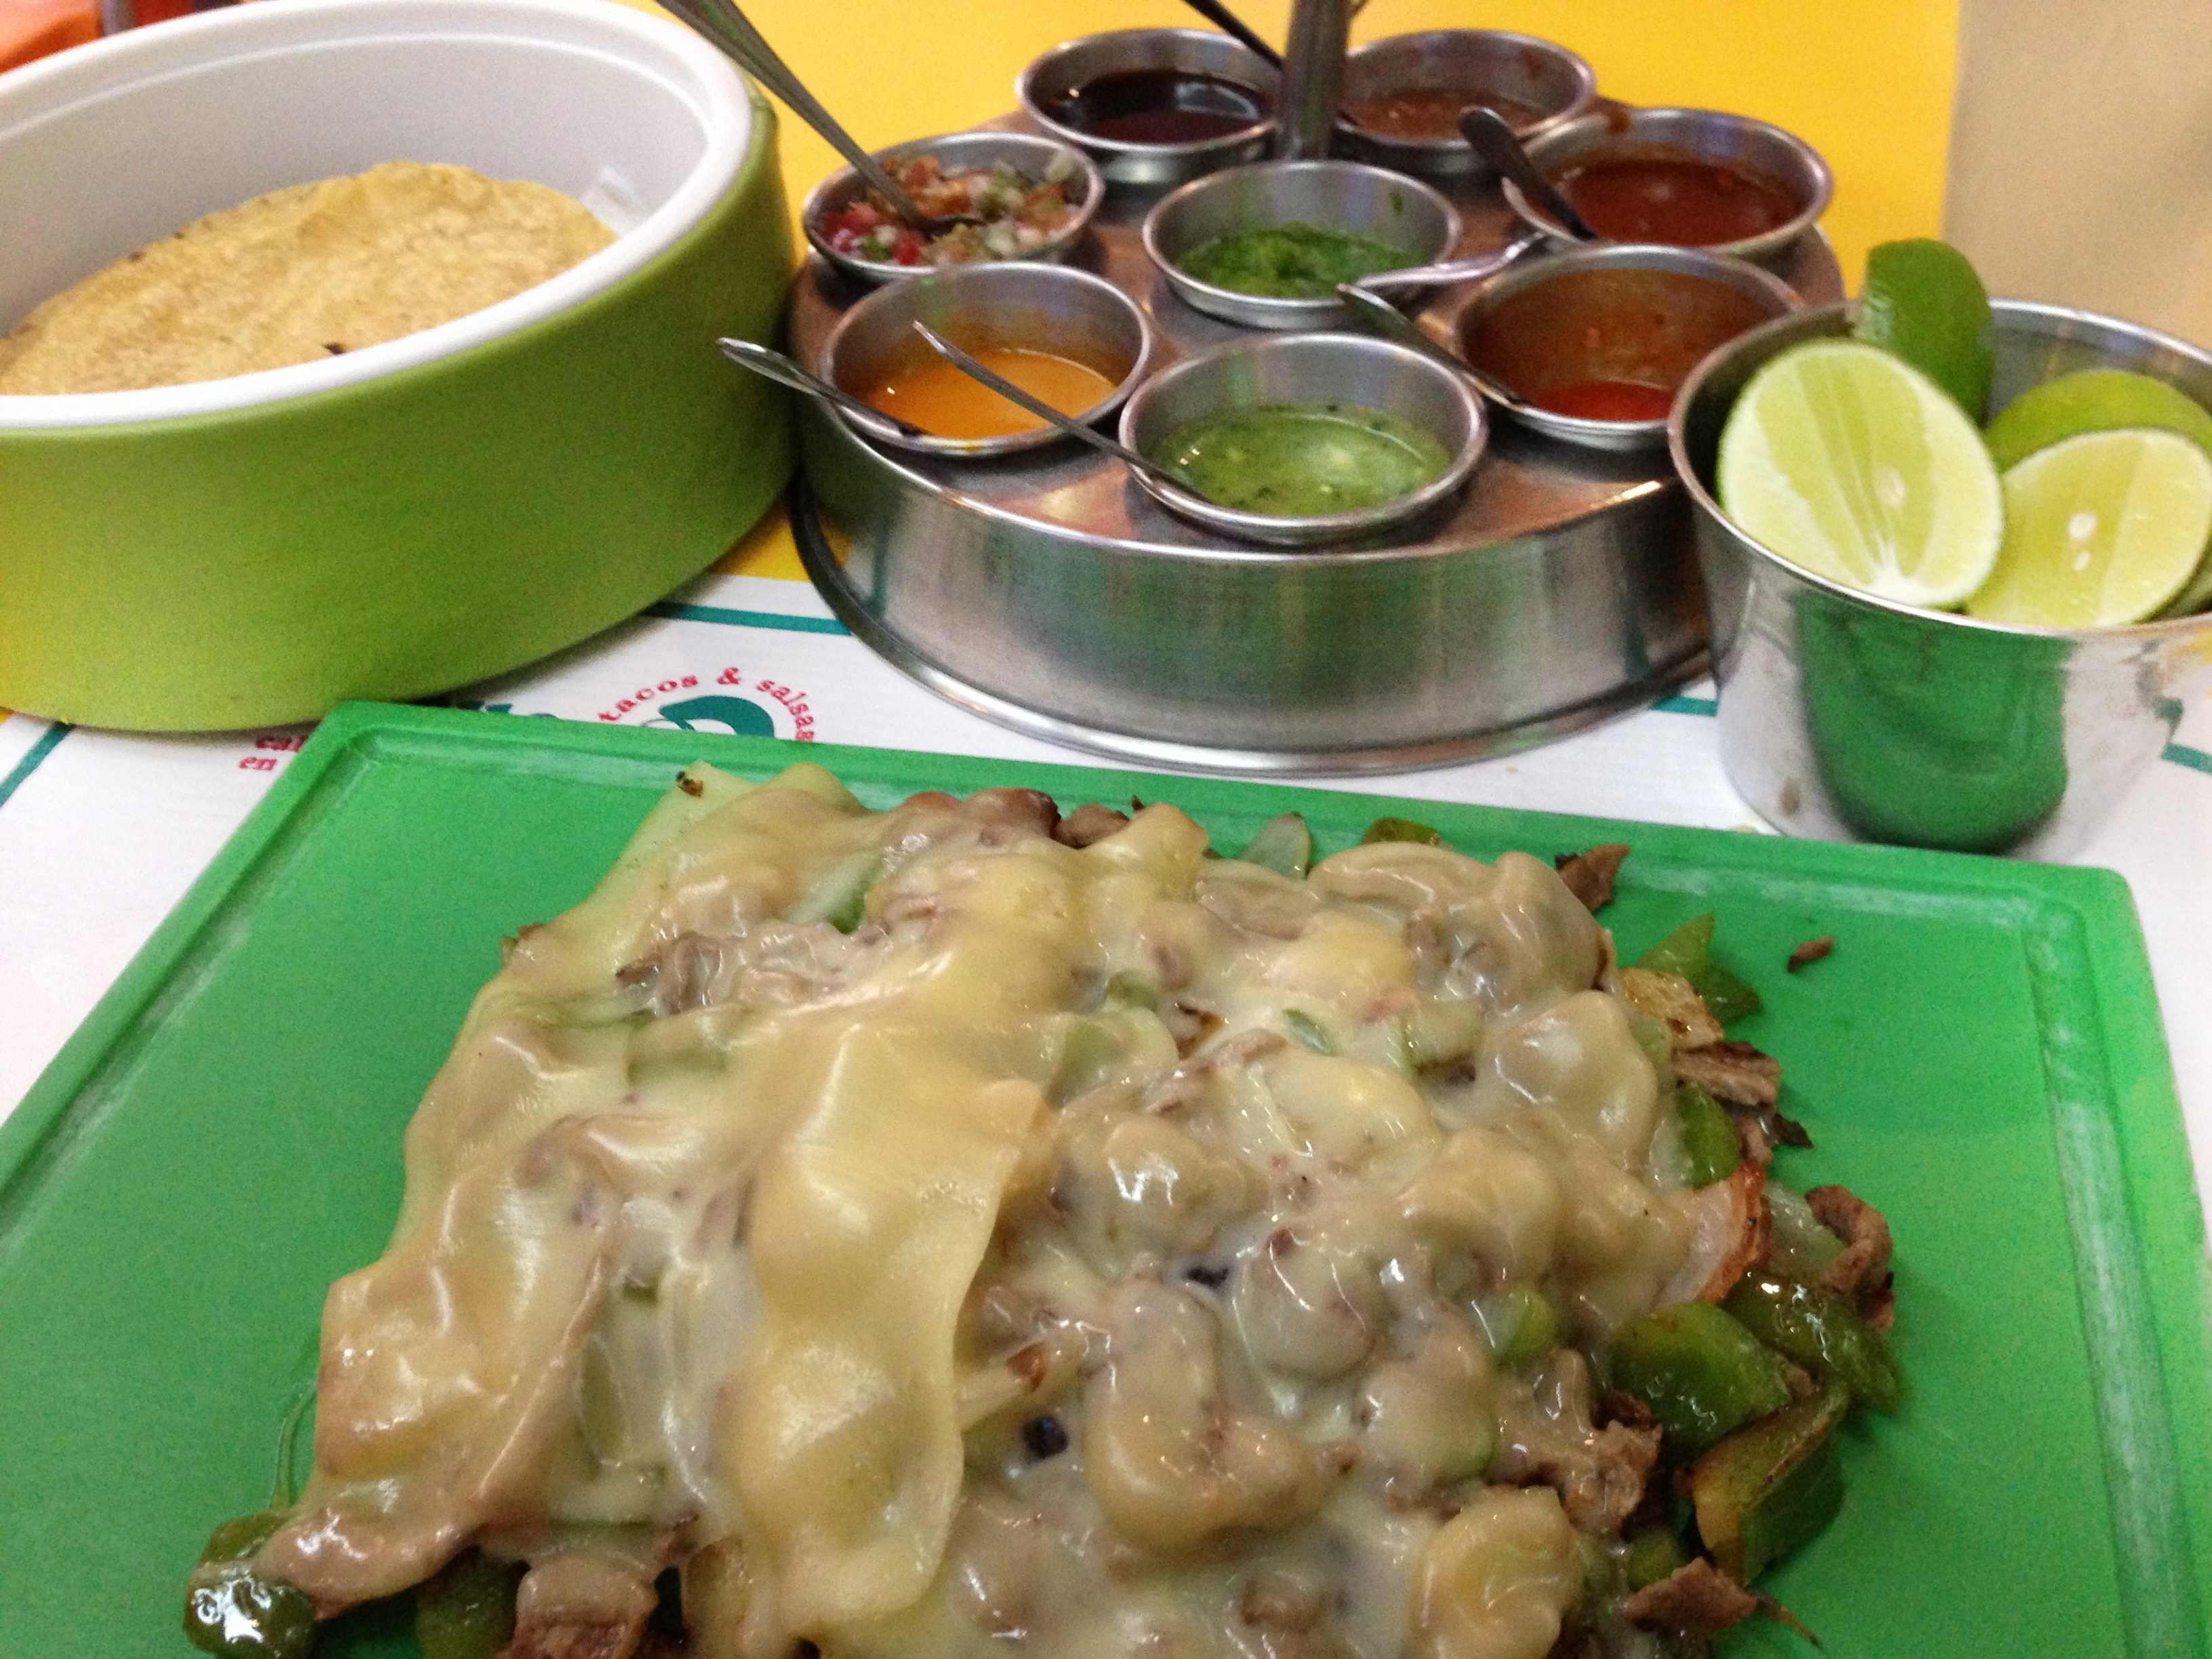 アランブルス(メキシコ料理)